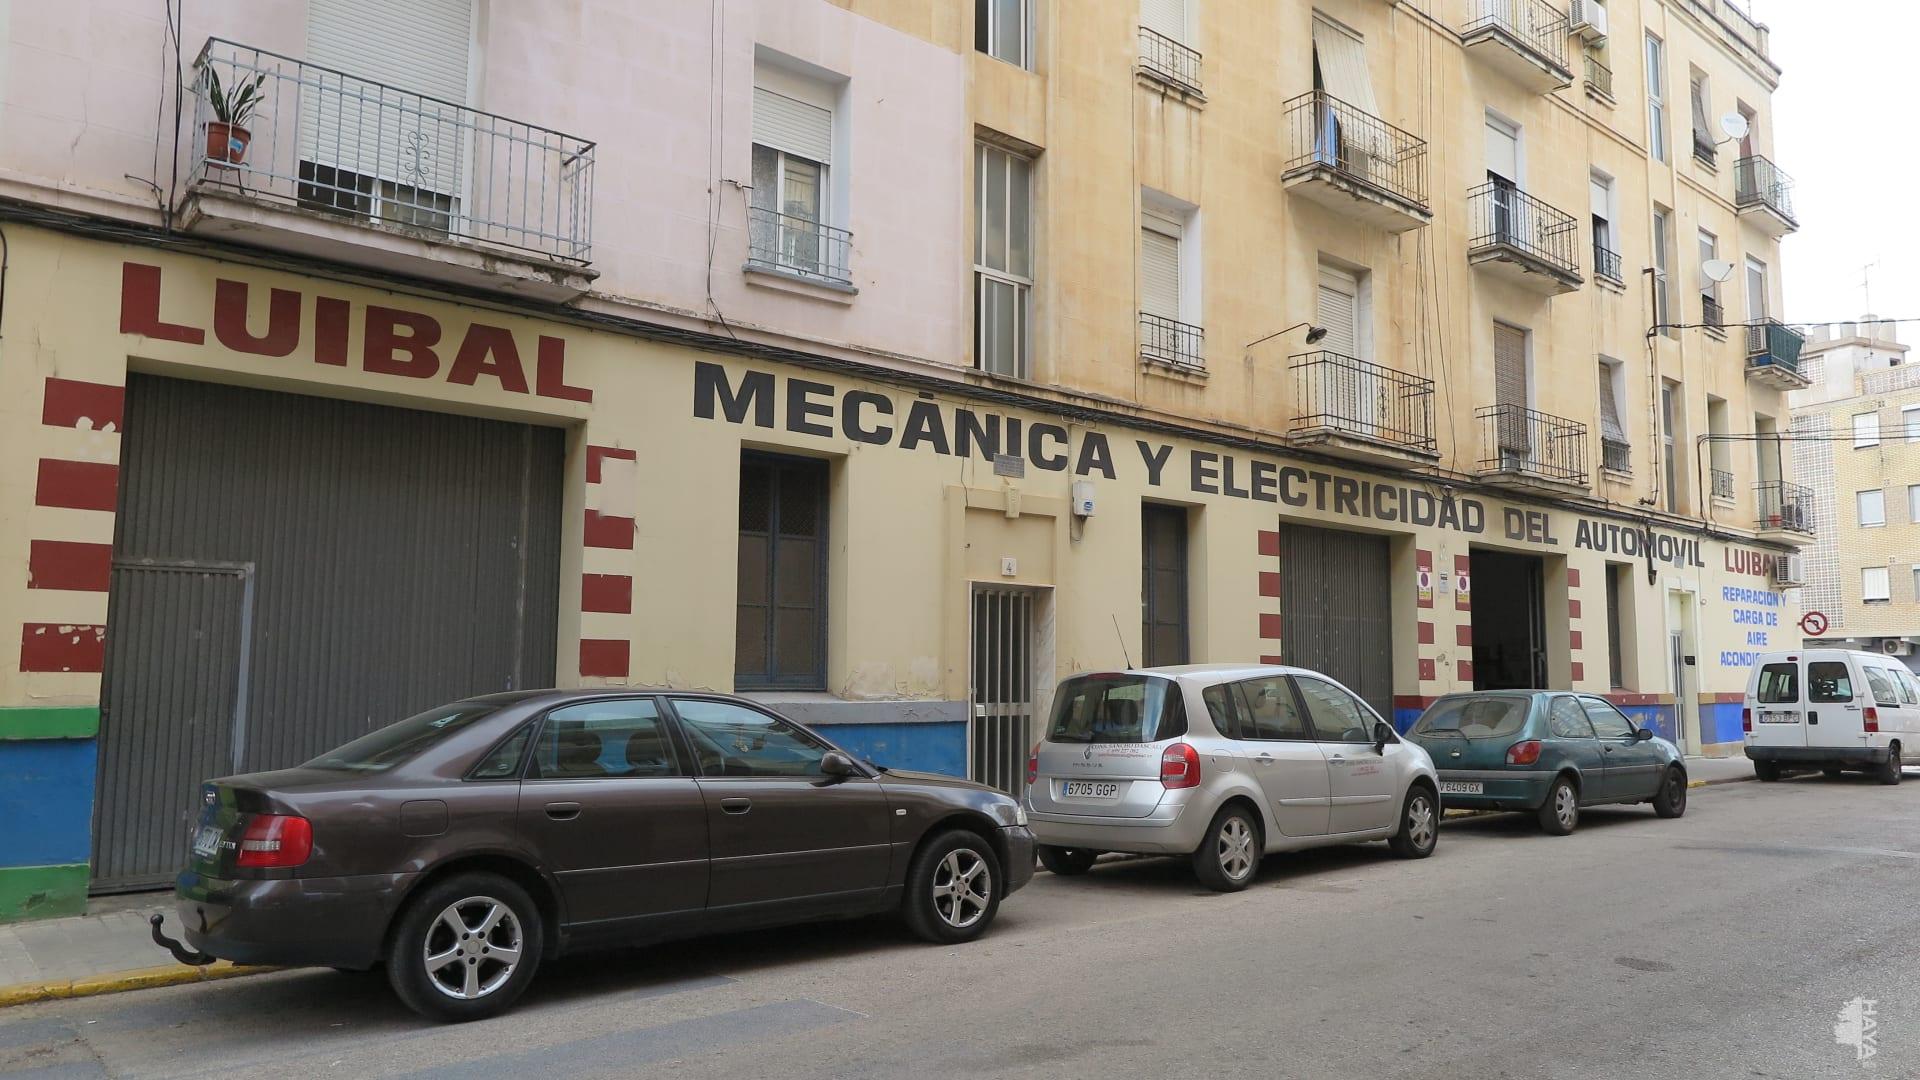 Piso en venta en Montanyeta del Sants, Sueca, Valencia, Calle Sebastia Diego, 31.605 €, 3 habitaciones, 1 baño, 77 m2